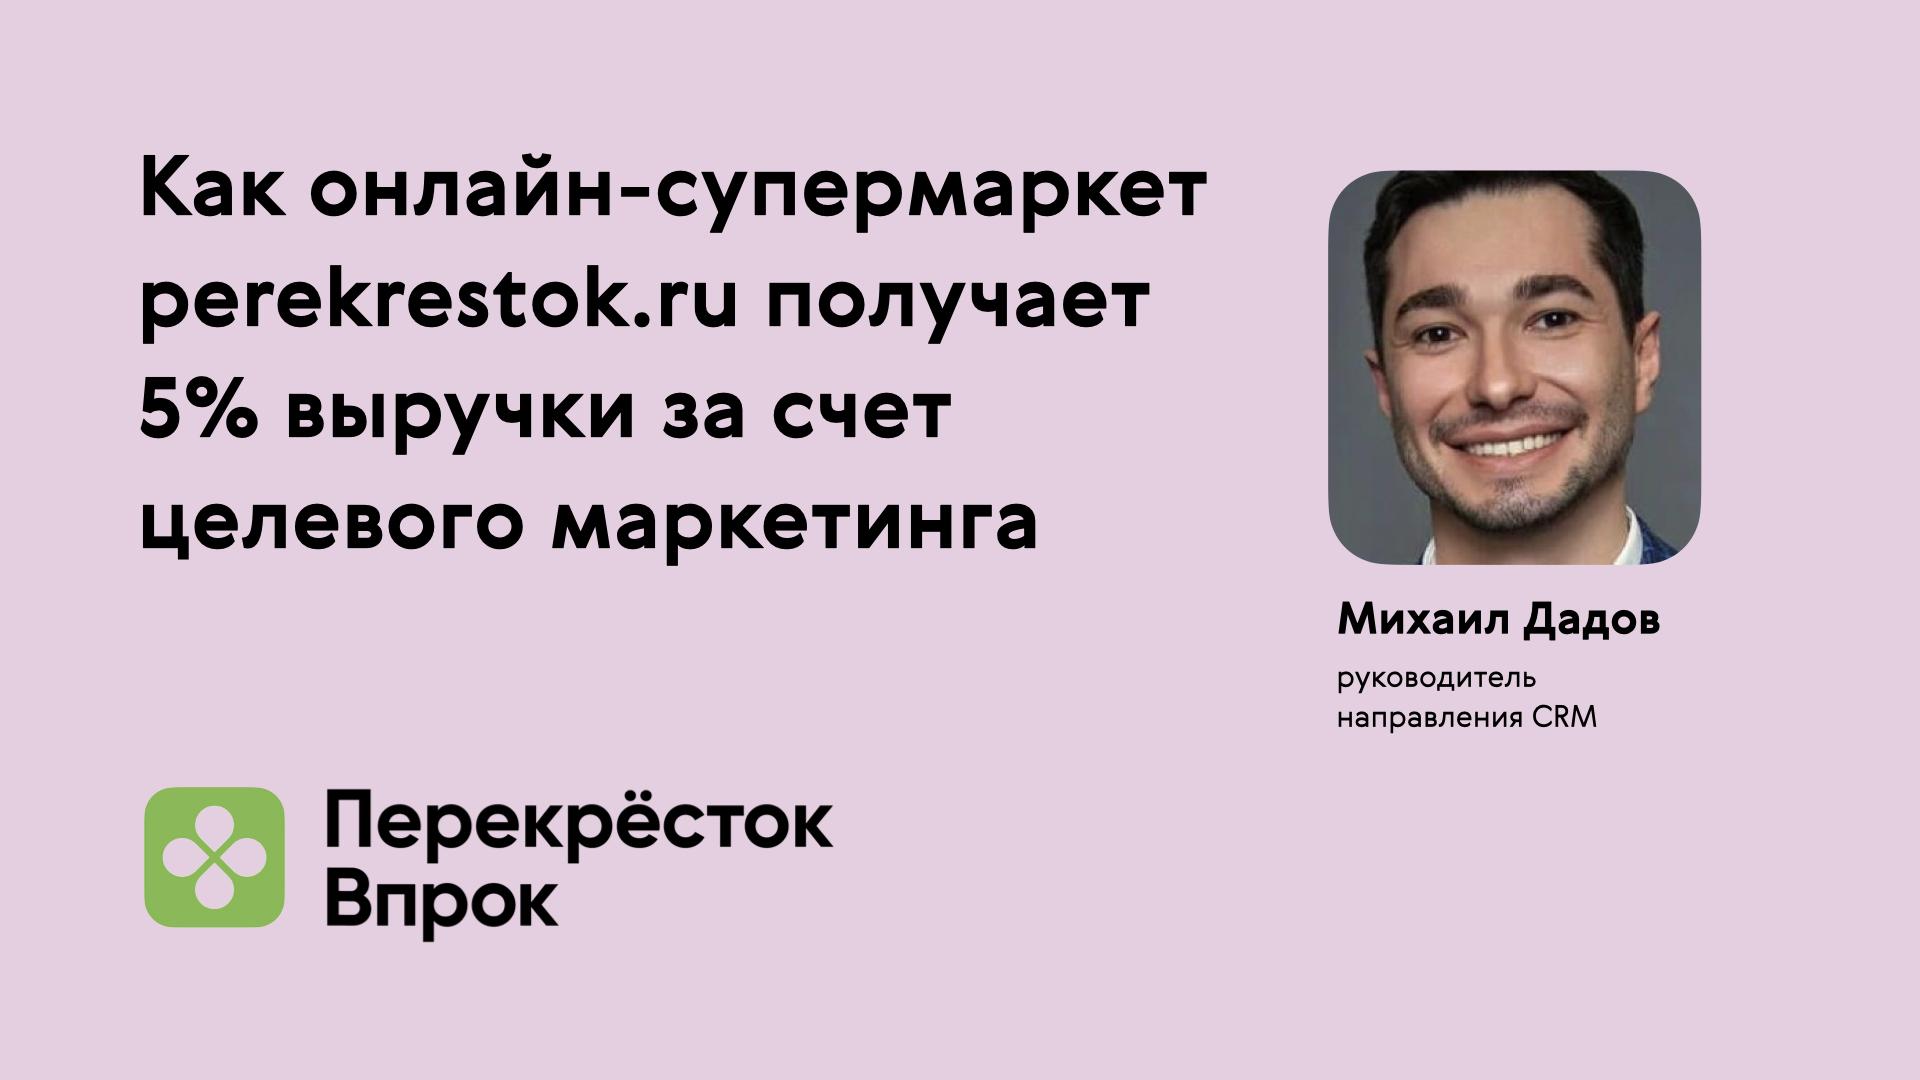 Выступление Михаила Дадова, руководителя направления CRM онлайн-магазина perekrestok.ru